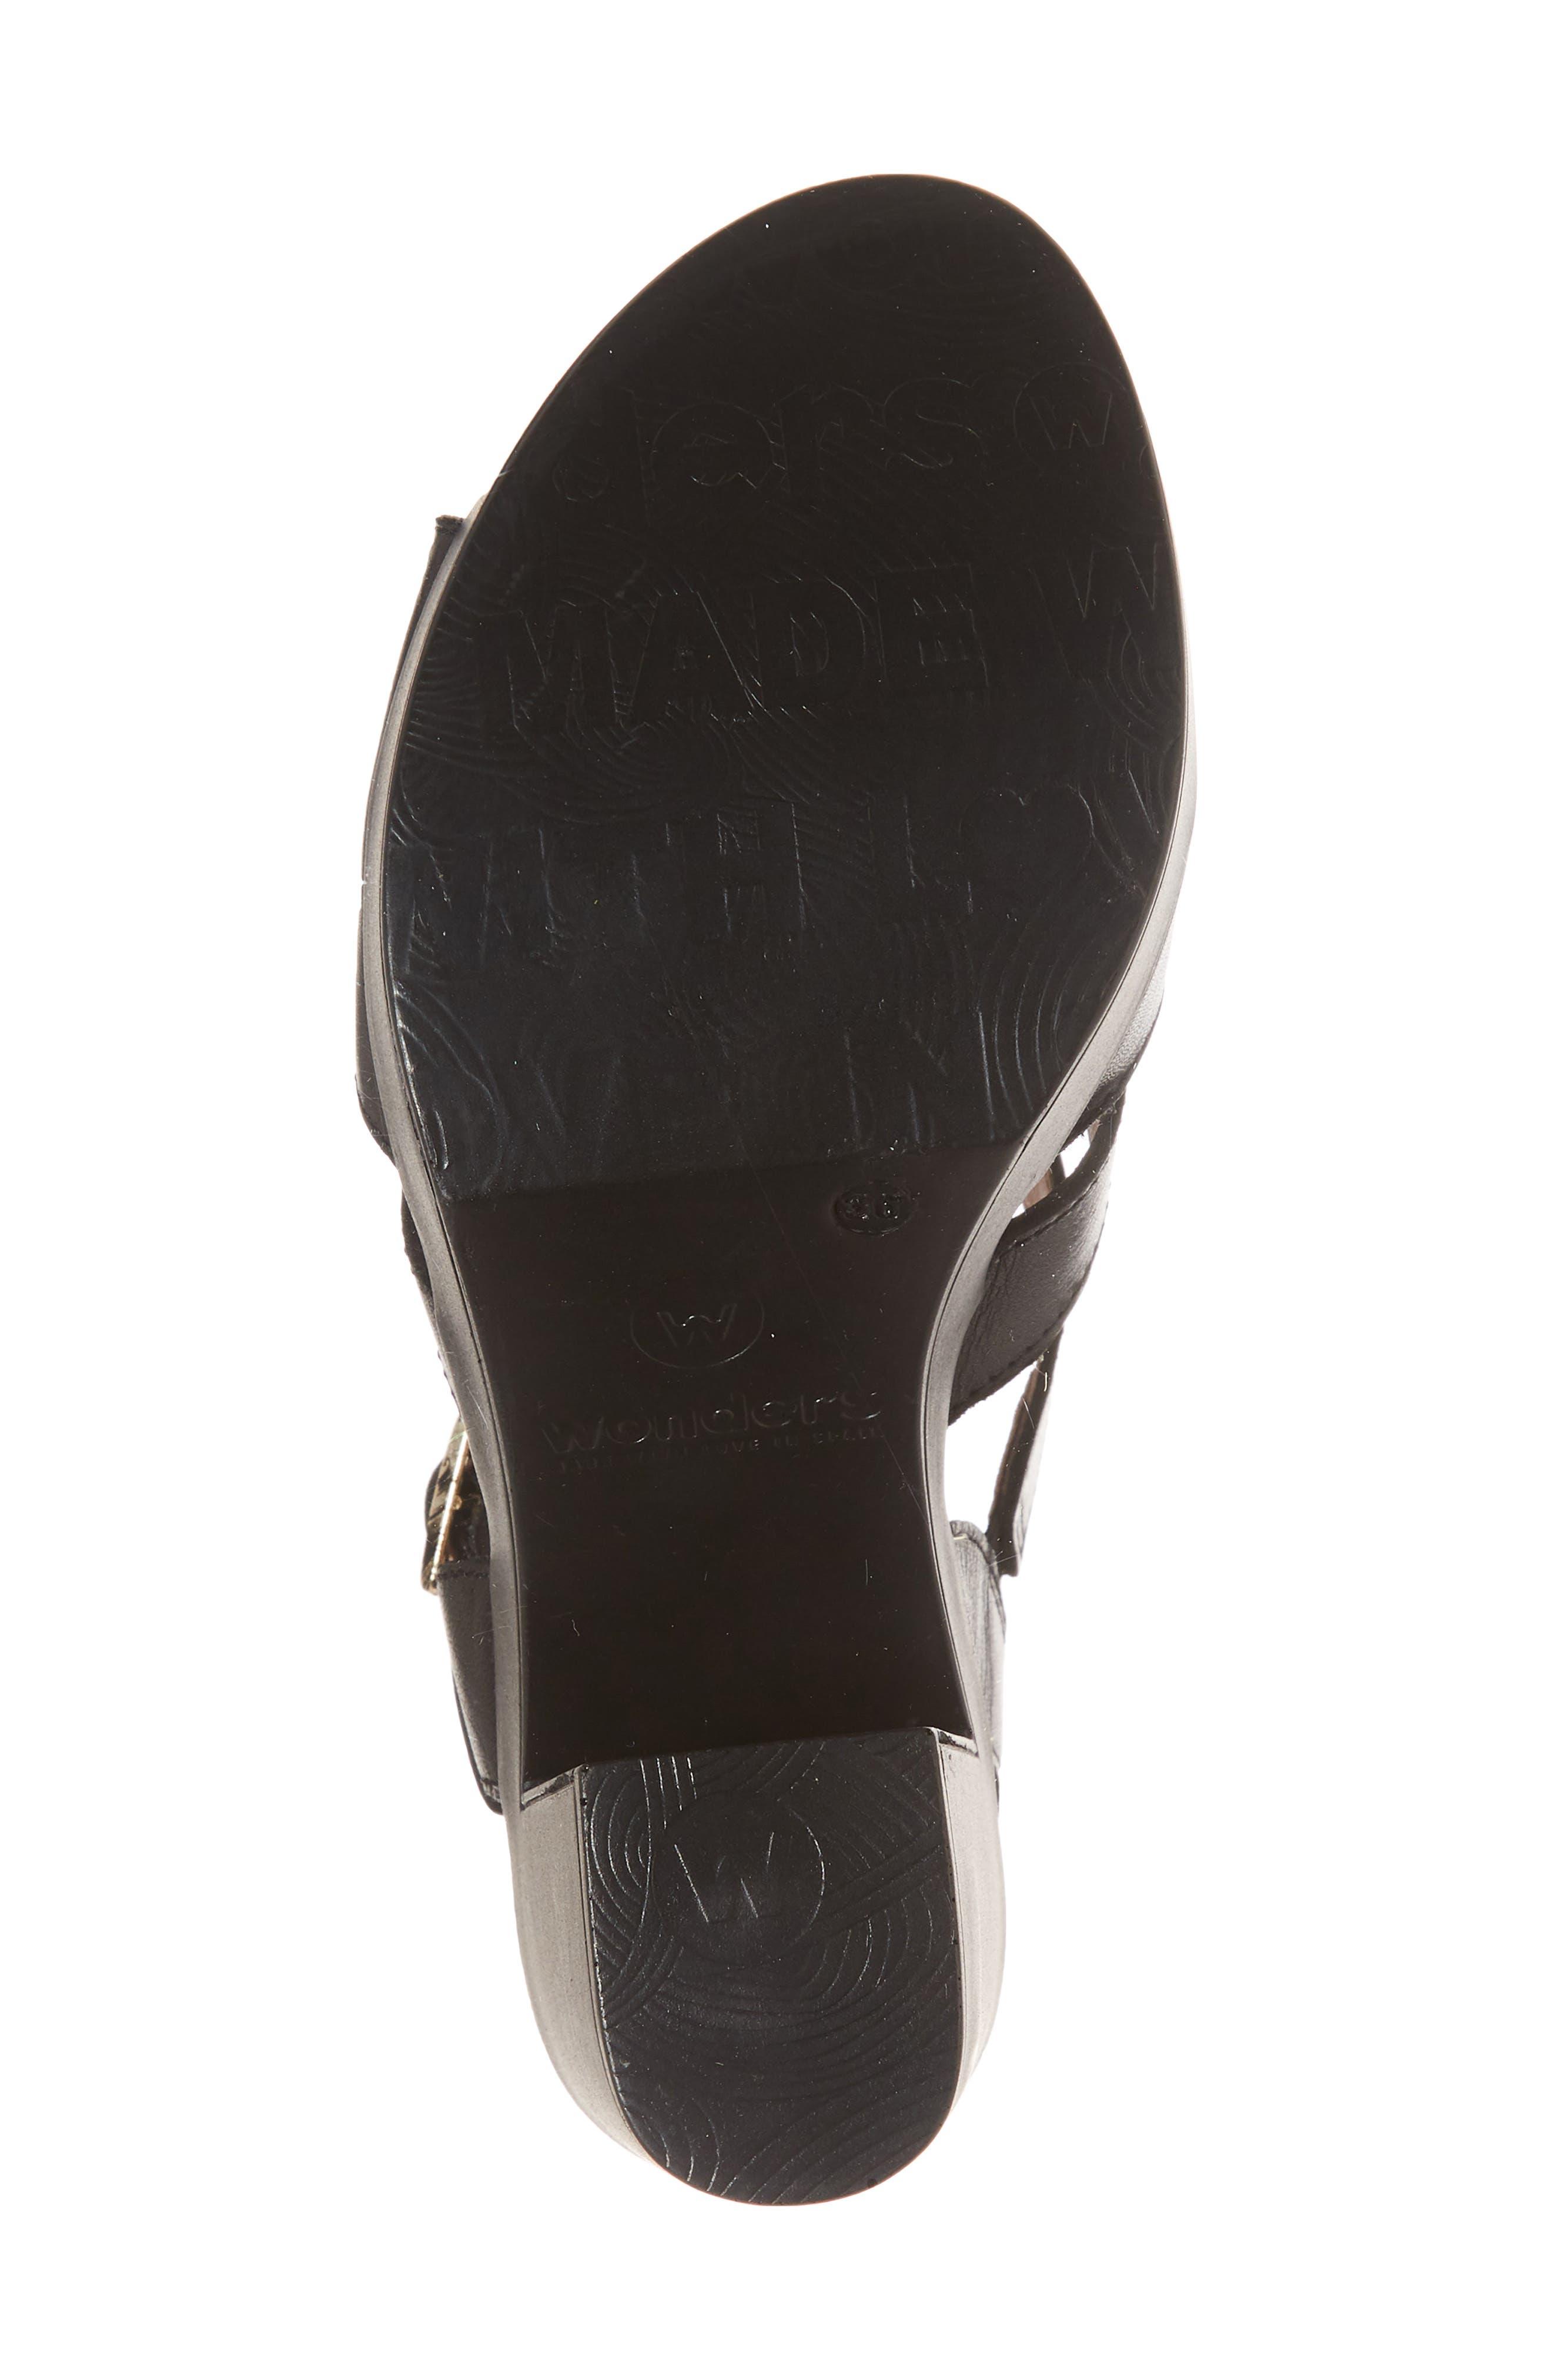 V-Strap Platform Sandal,                             Alternate thumbnail 6, color,                             BLACK LEATHER